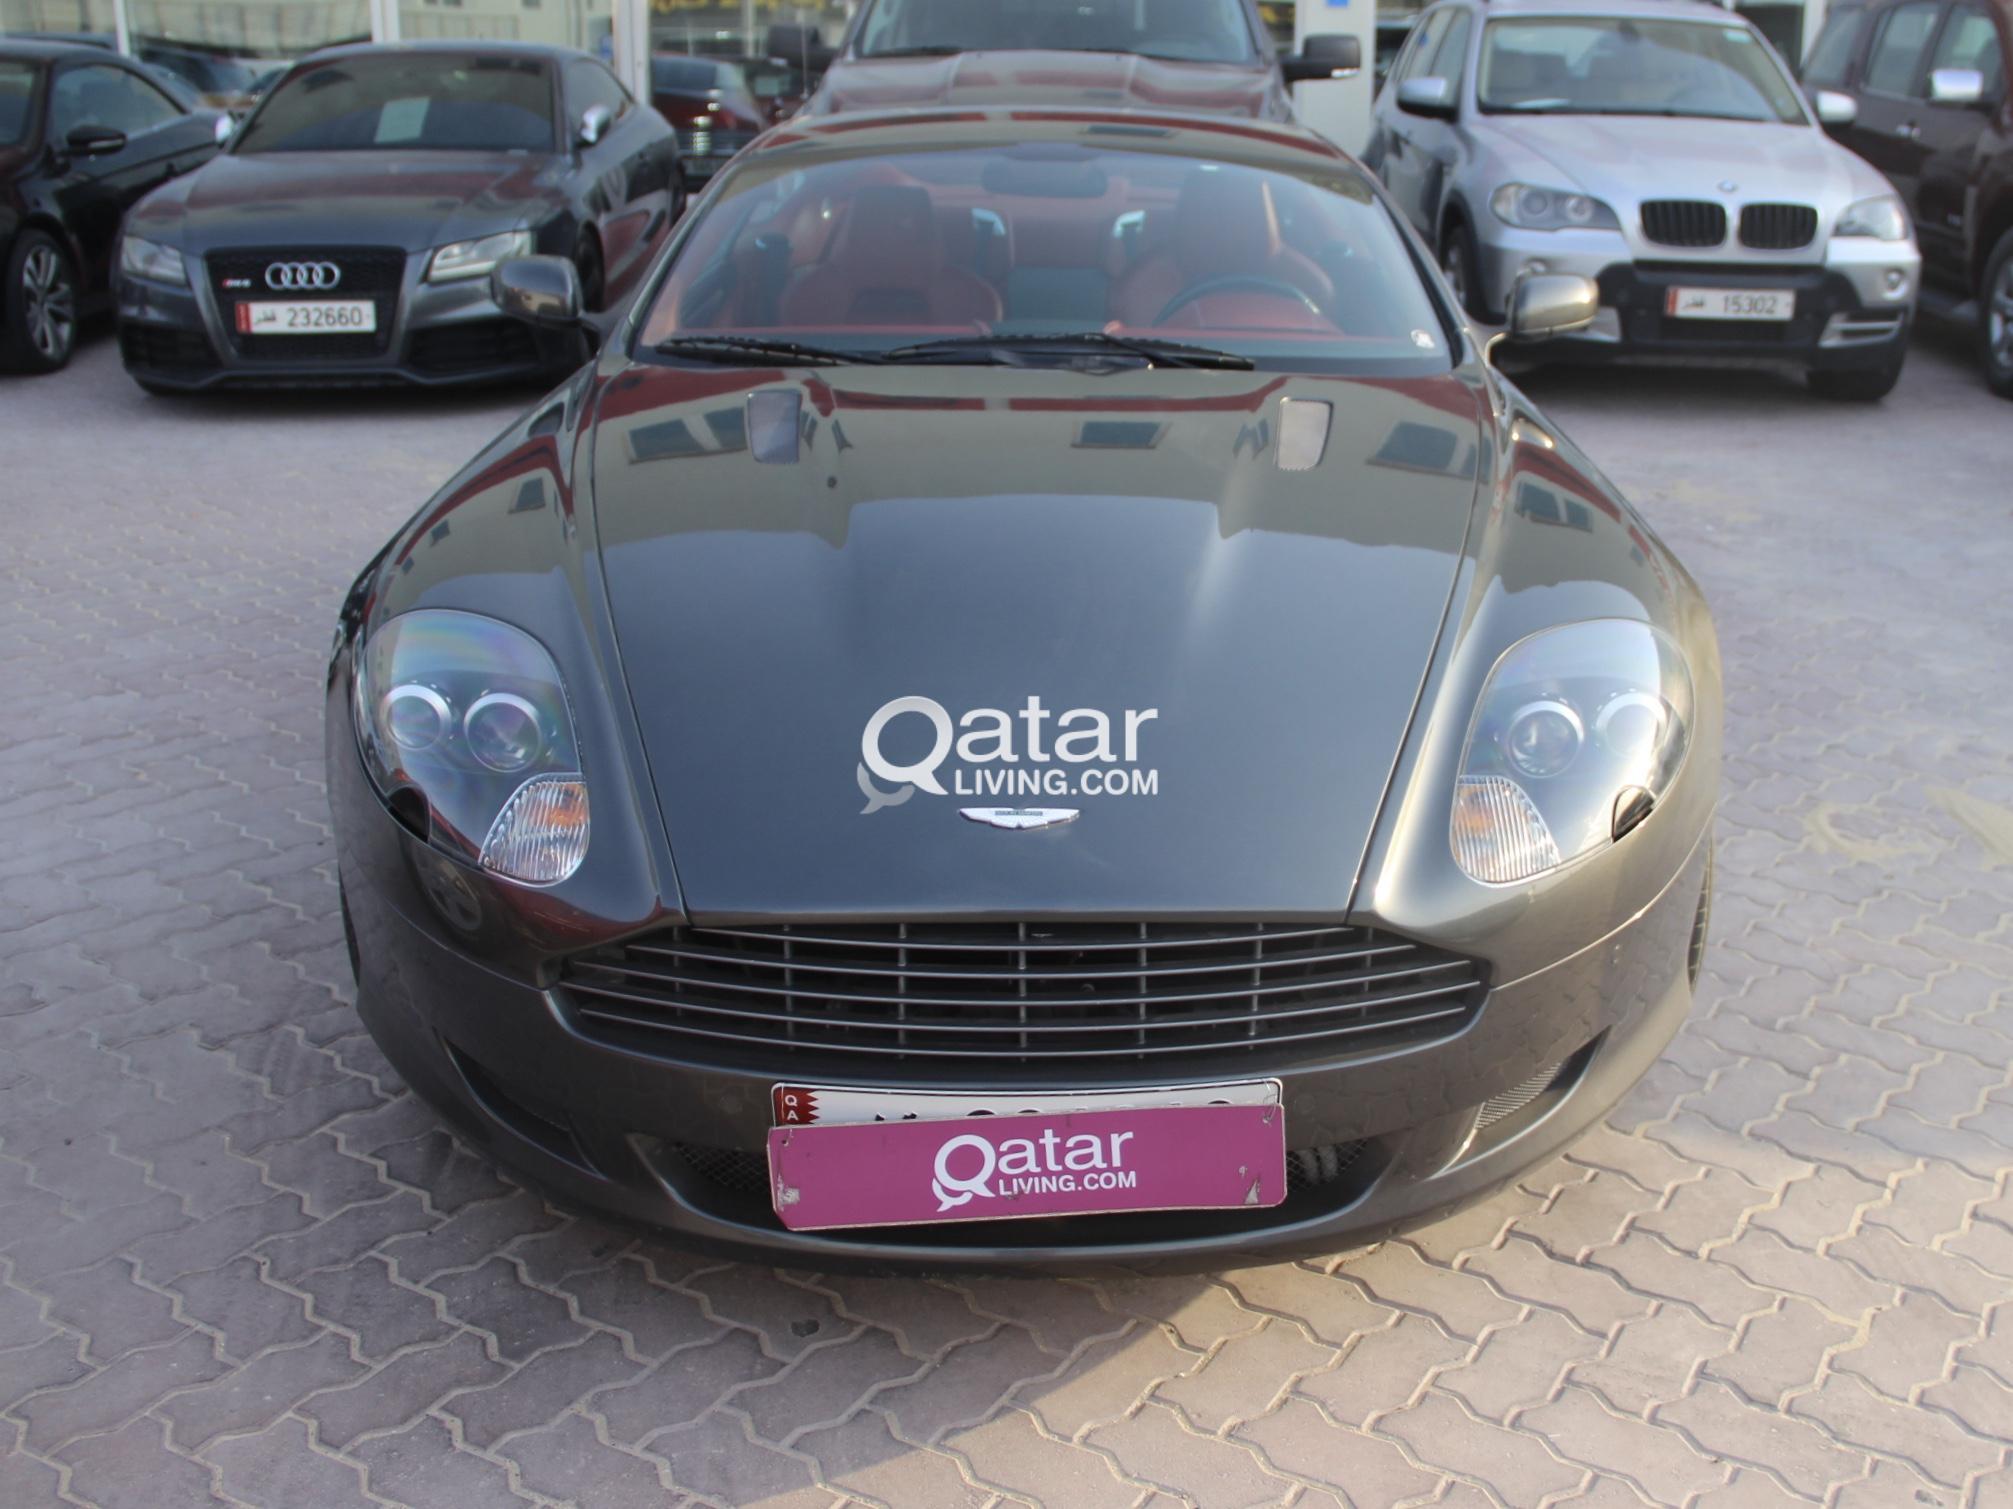 Aston Martin Db9 2009 Qatar Living